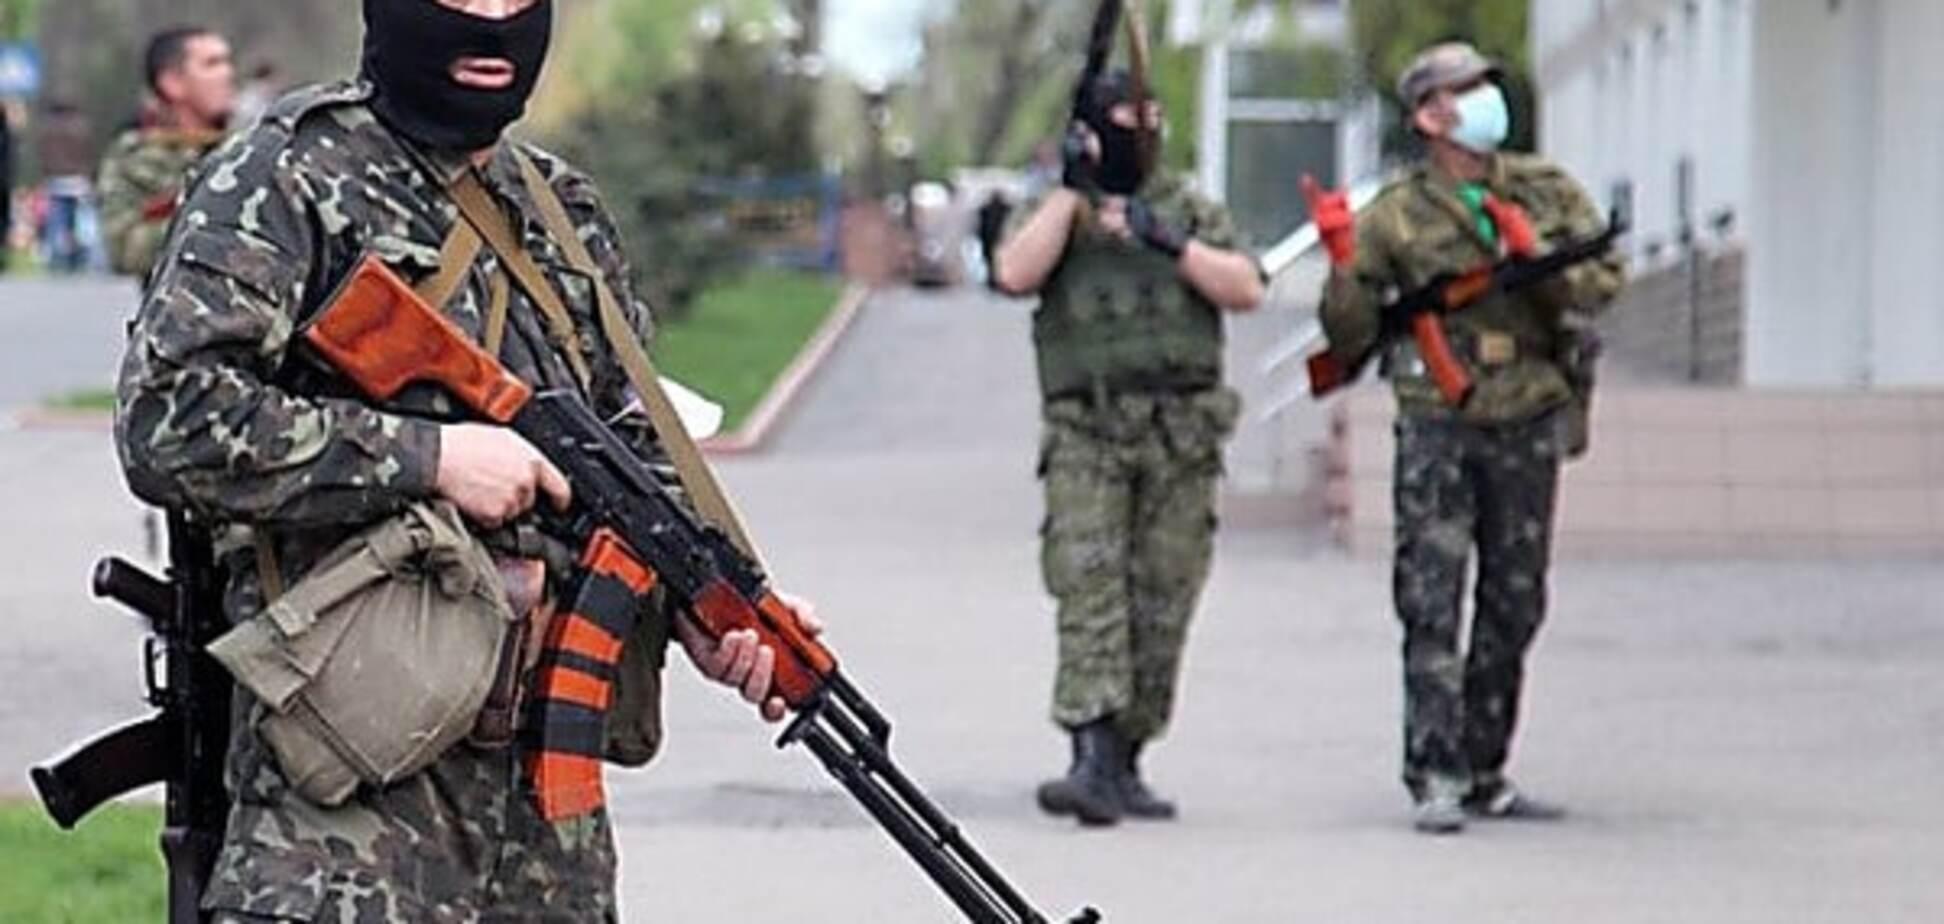 Беспредел террористов: в оккупированном Первомайске на улице убили мужчину